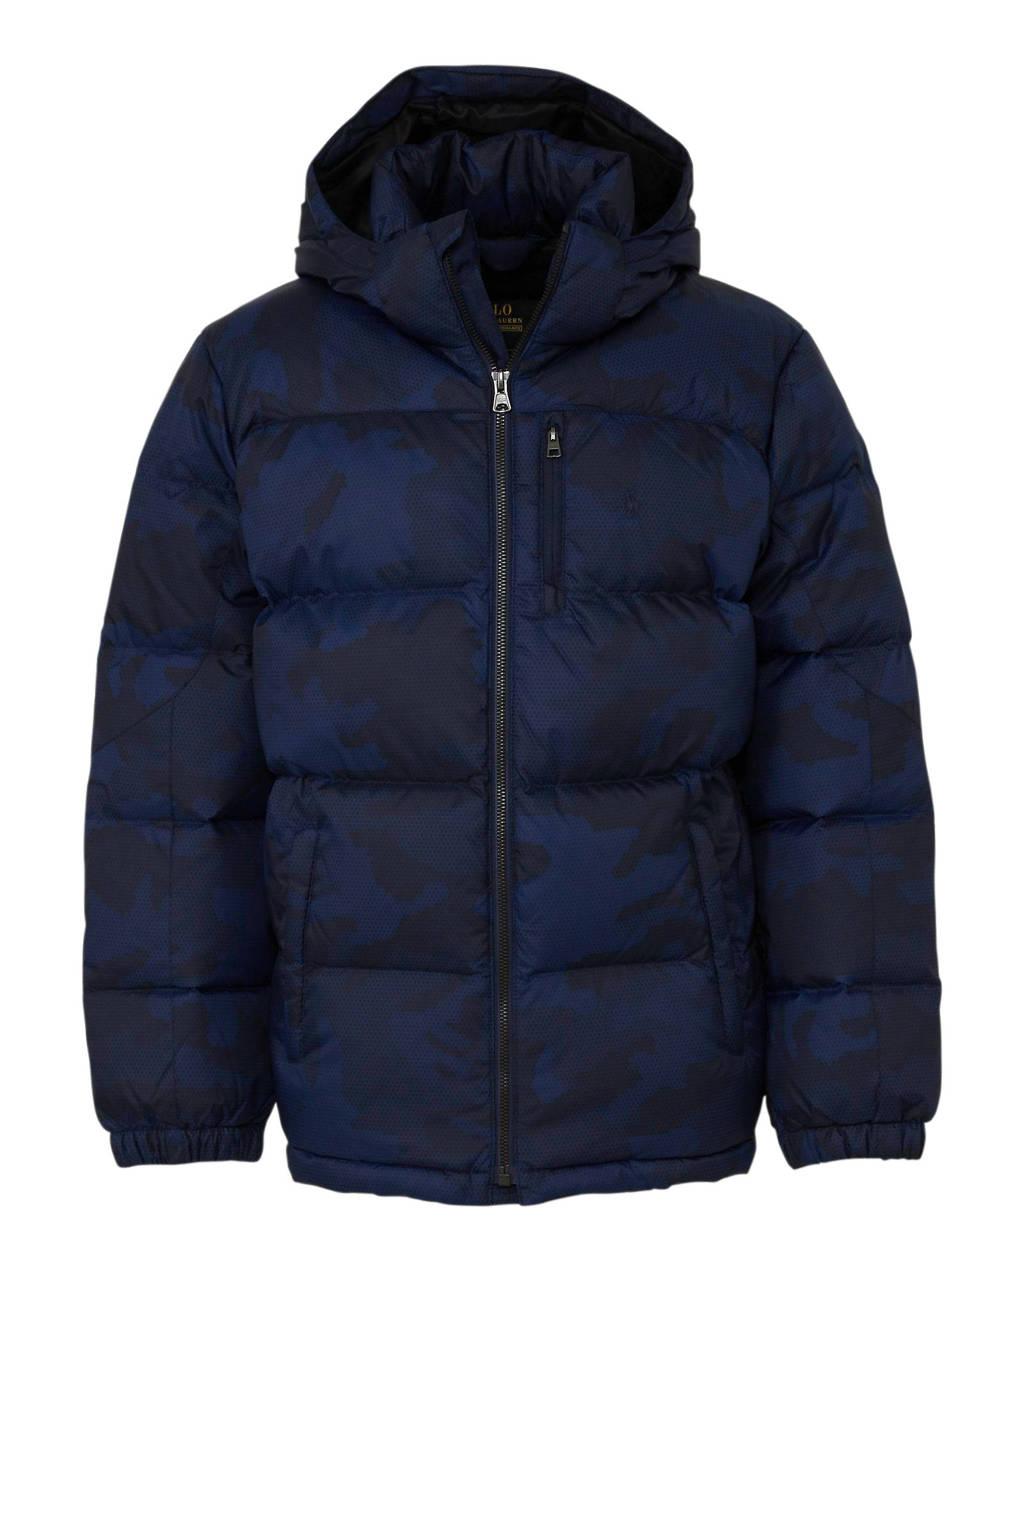 POLO Ralph Lauren winterjas met camouflageprint donkerblauw, Donkerblauw